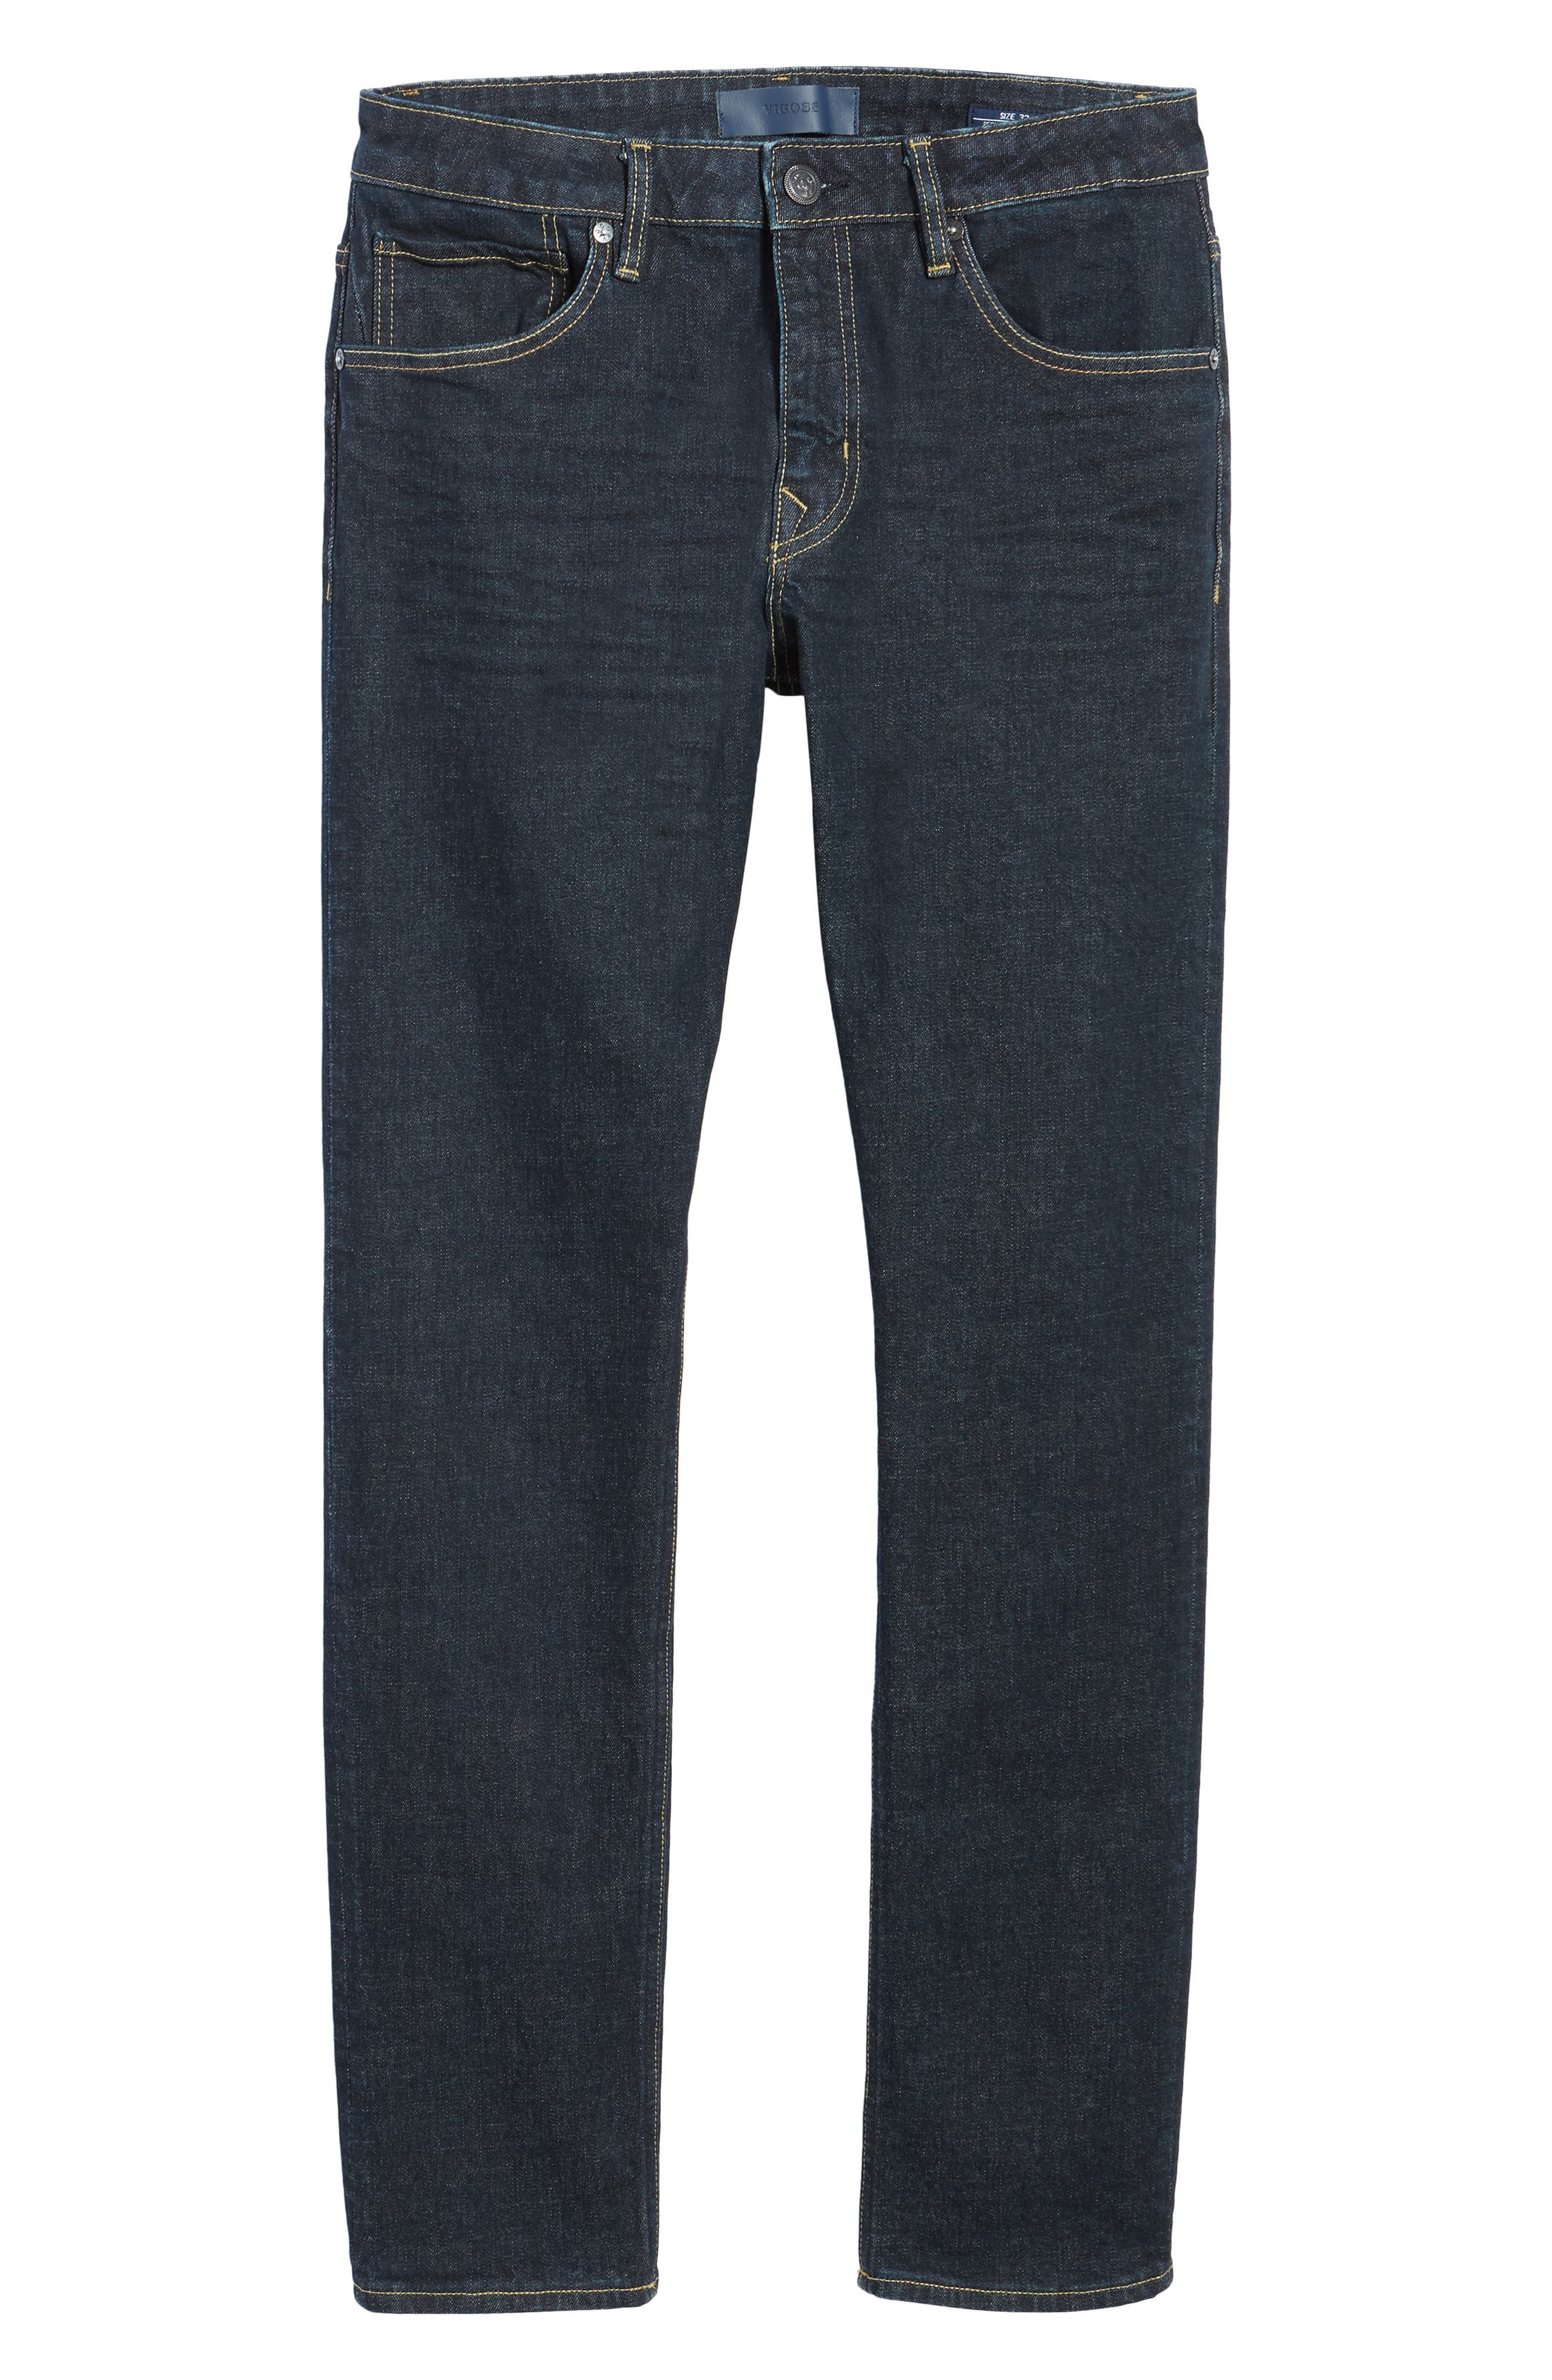 VIGOSS,                             Slim Straight Leg Jeans,                             Alternate thumbnail 7, color,                             DARK RINSE